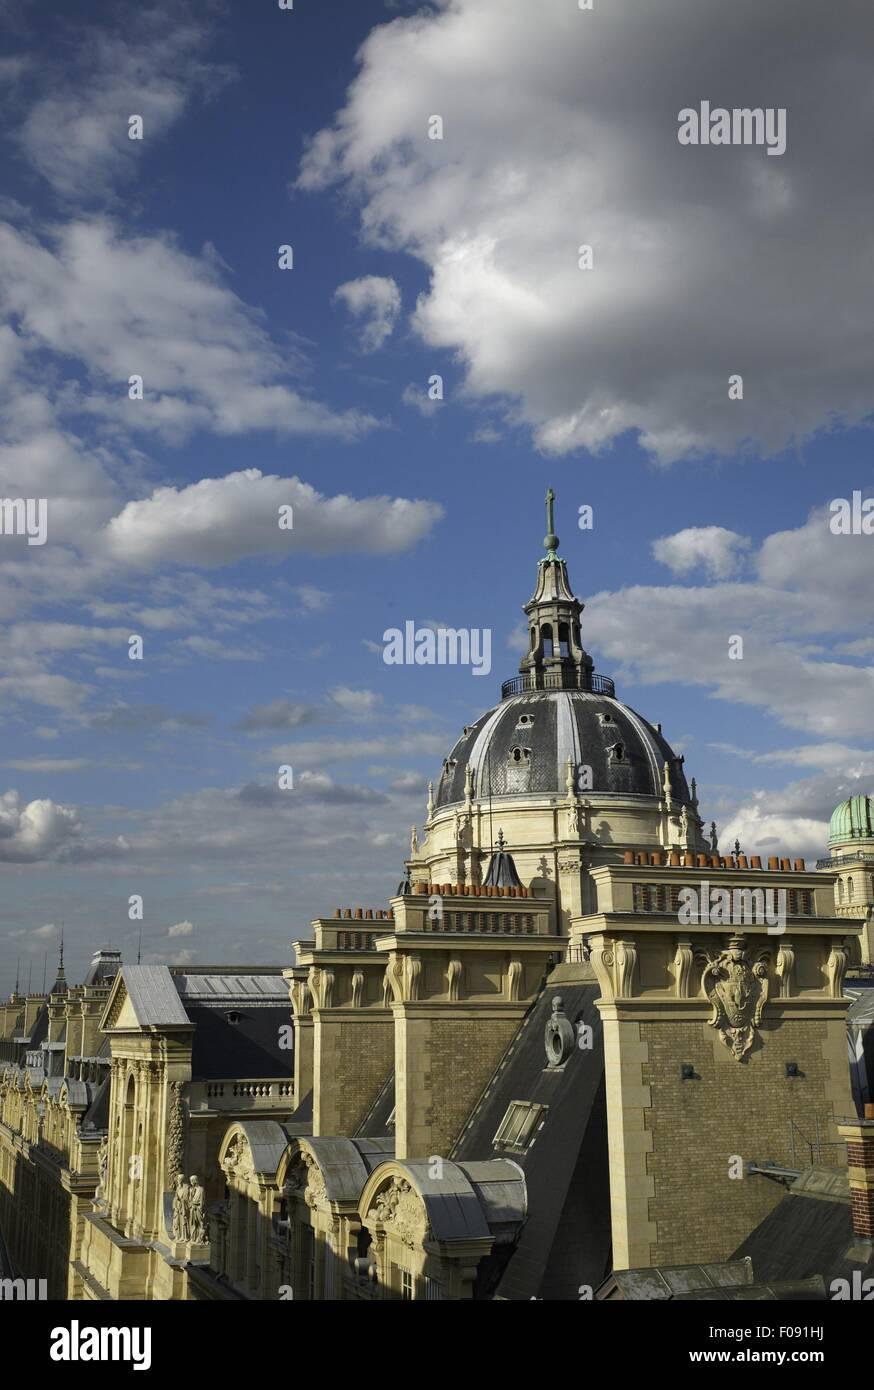 View of Paris-Sorbonne University in Paris, France - Stock Image